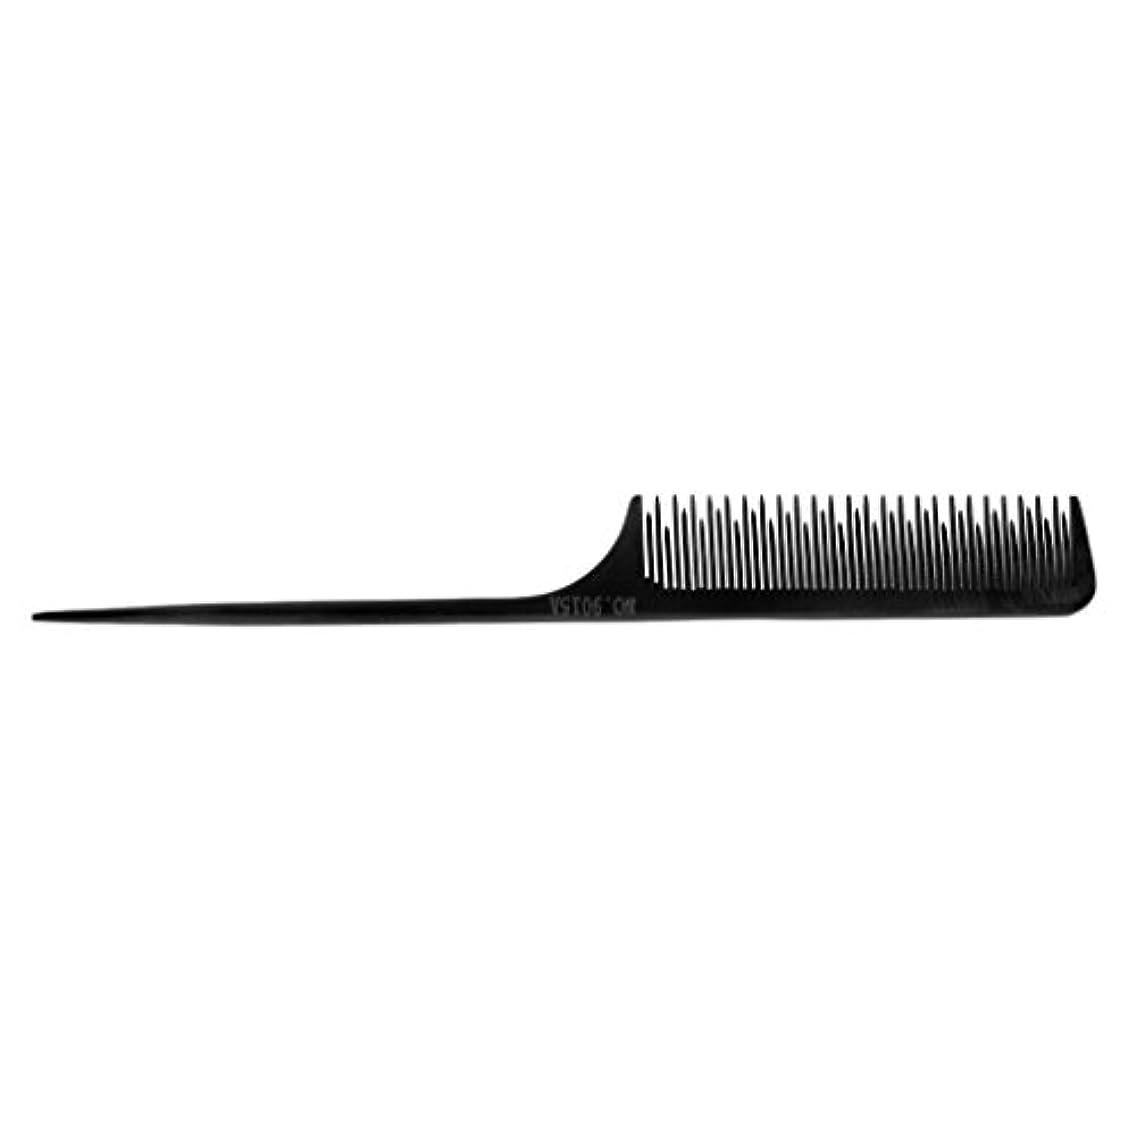 権利を与えるグラム集中的なCUTICATE サロンの理髪師のテールチップスタイリングツール細かい歯の選択毛の櫛